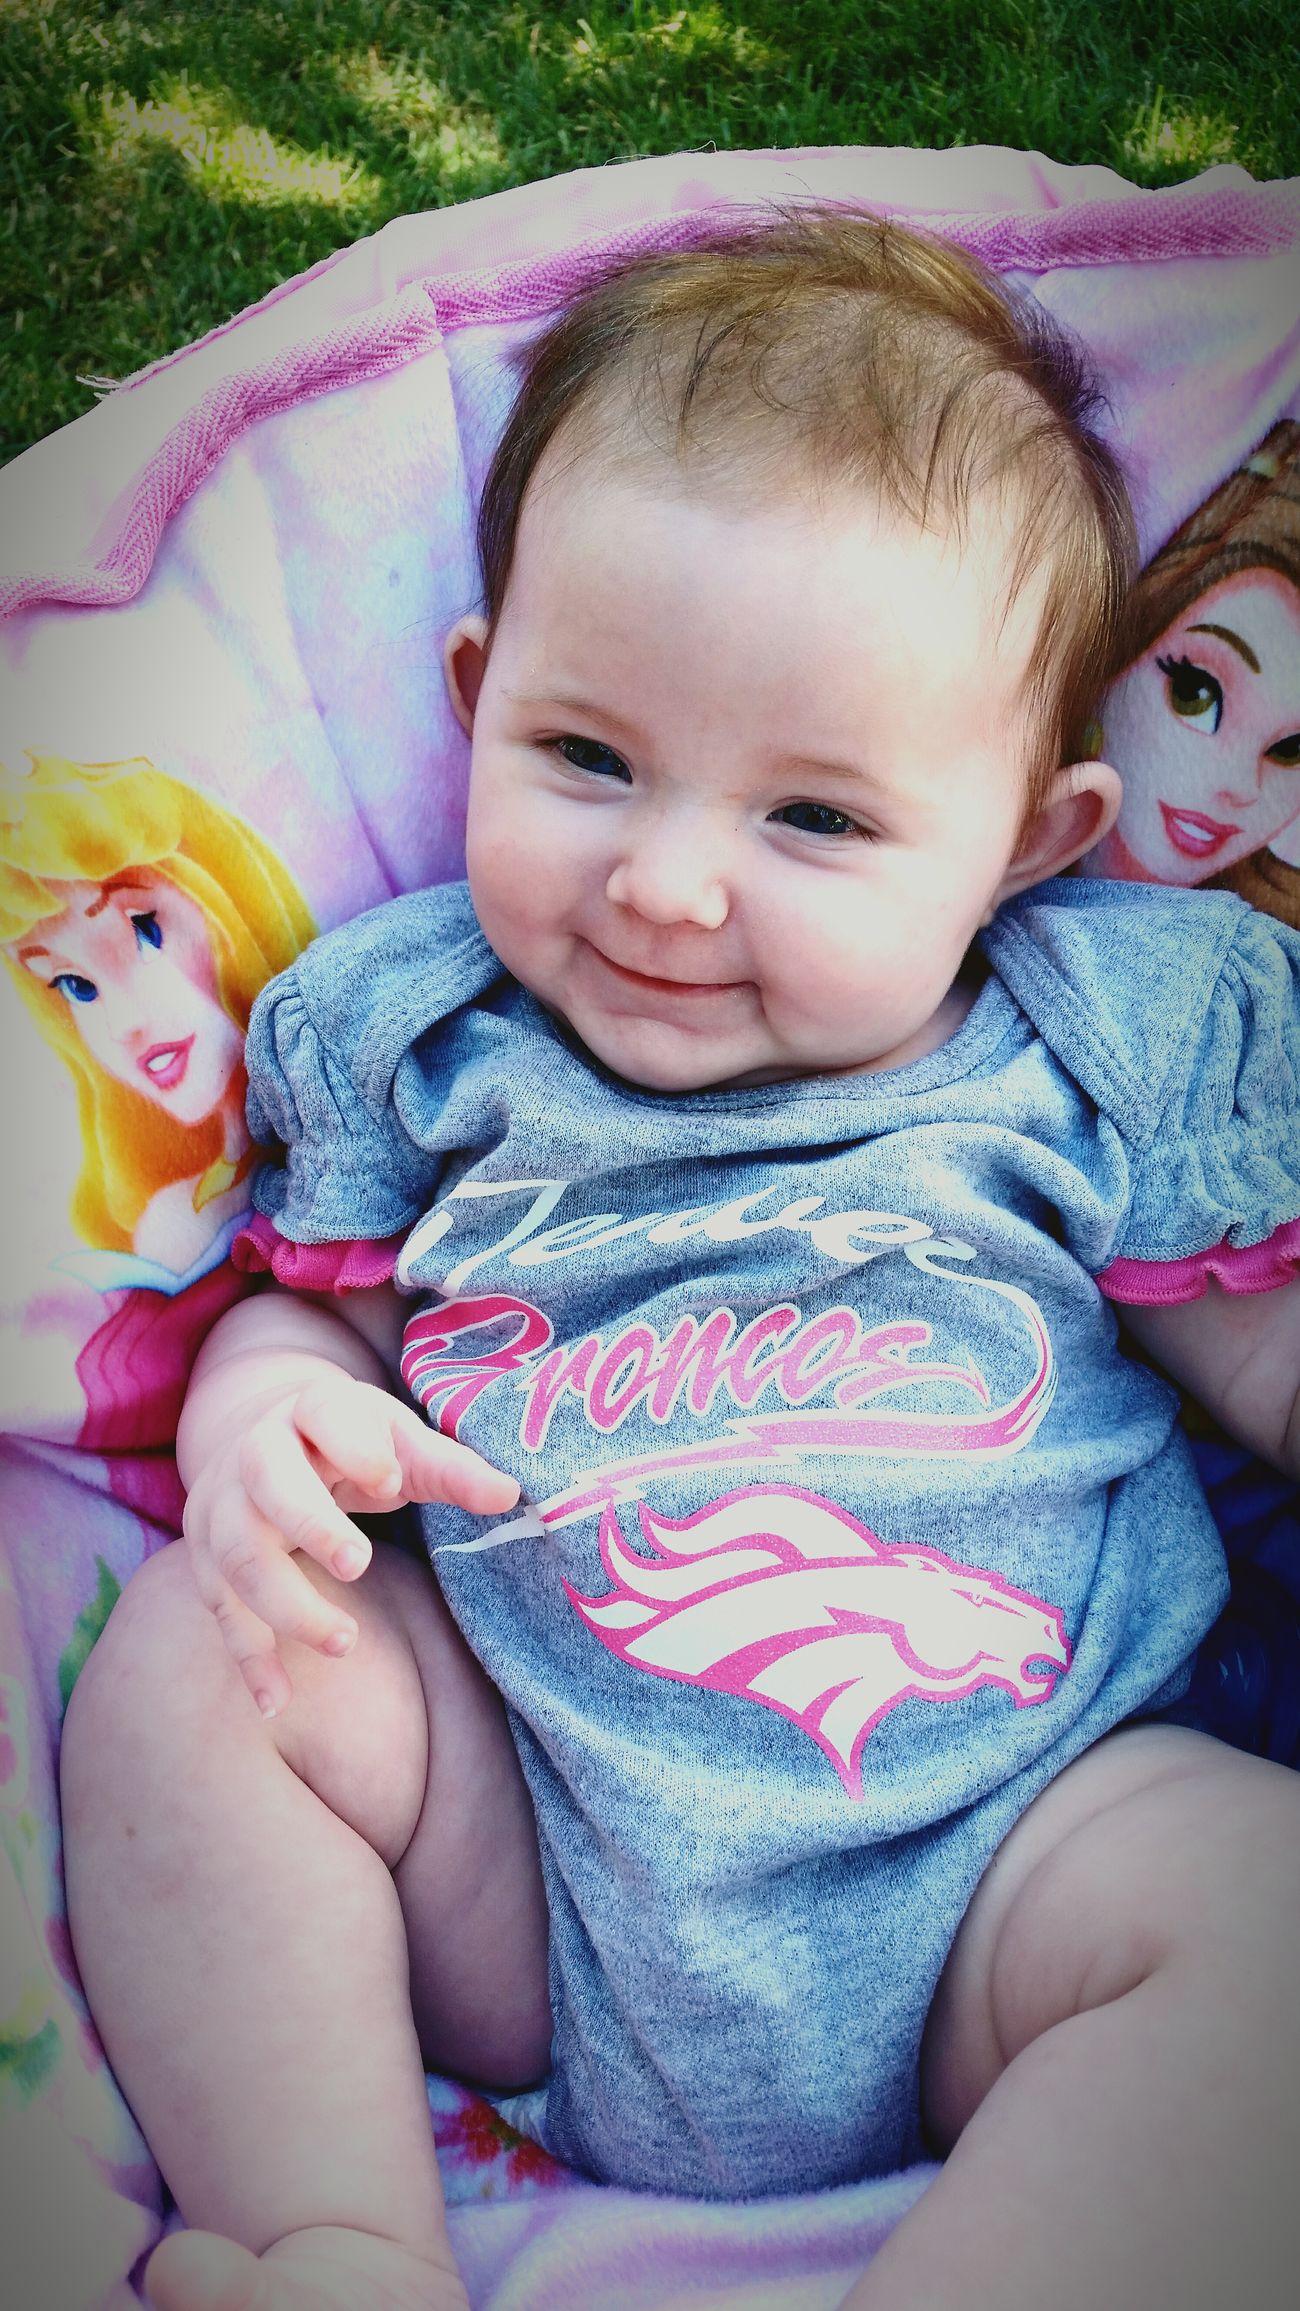 Go Broncos!